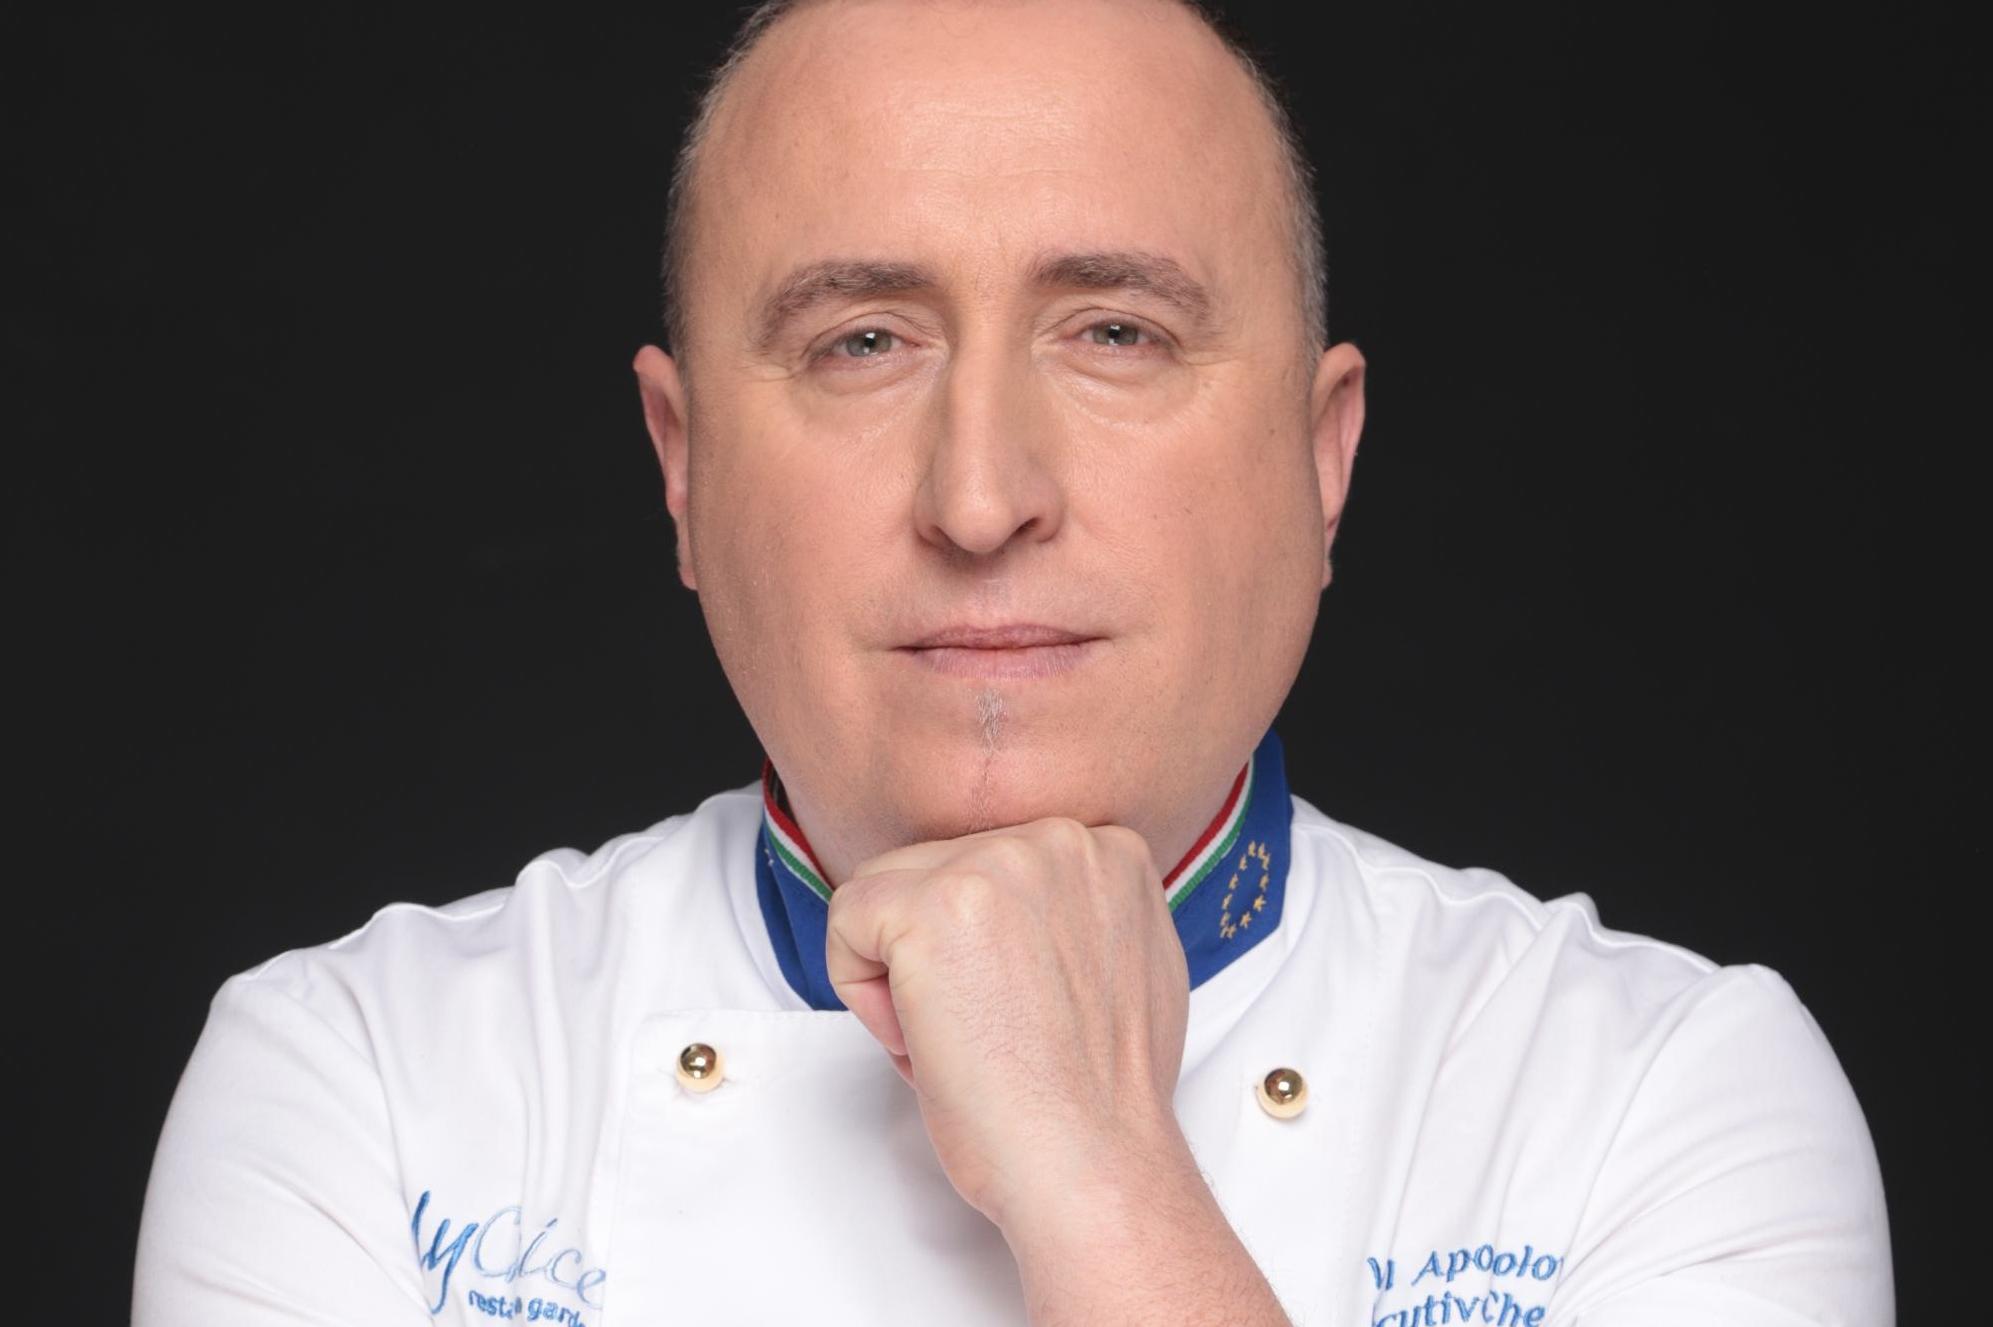 Шеф Васил Апостолов – човекът, който твори кулинарни вълшебства в ресторант